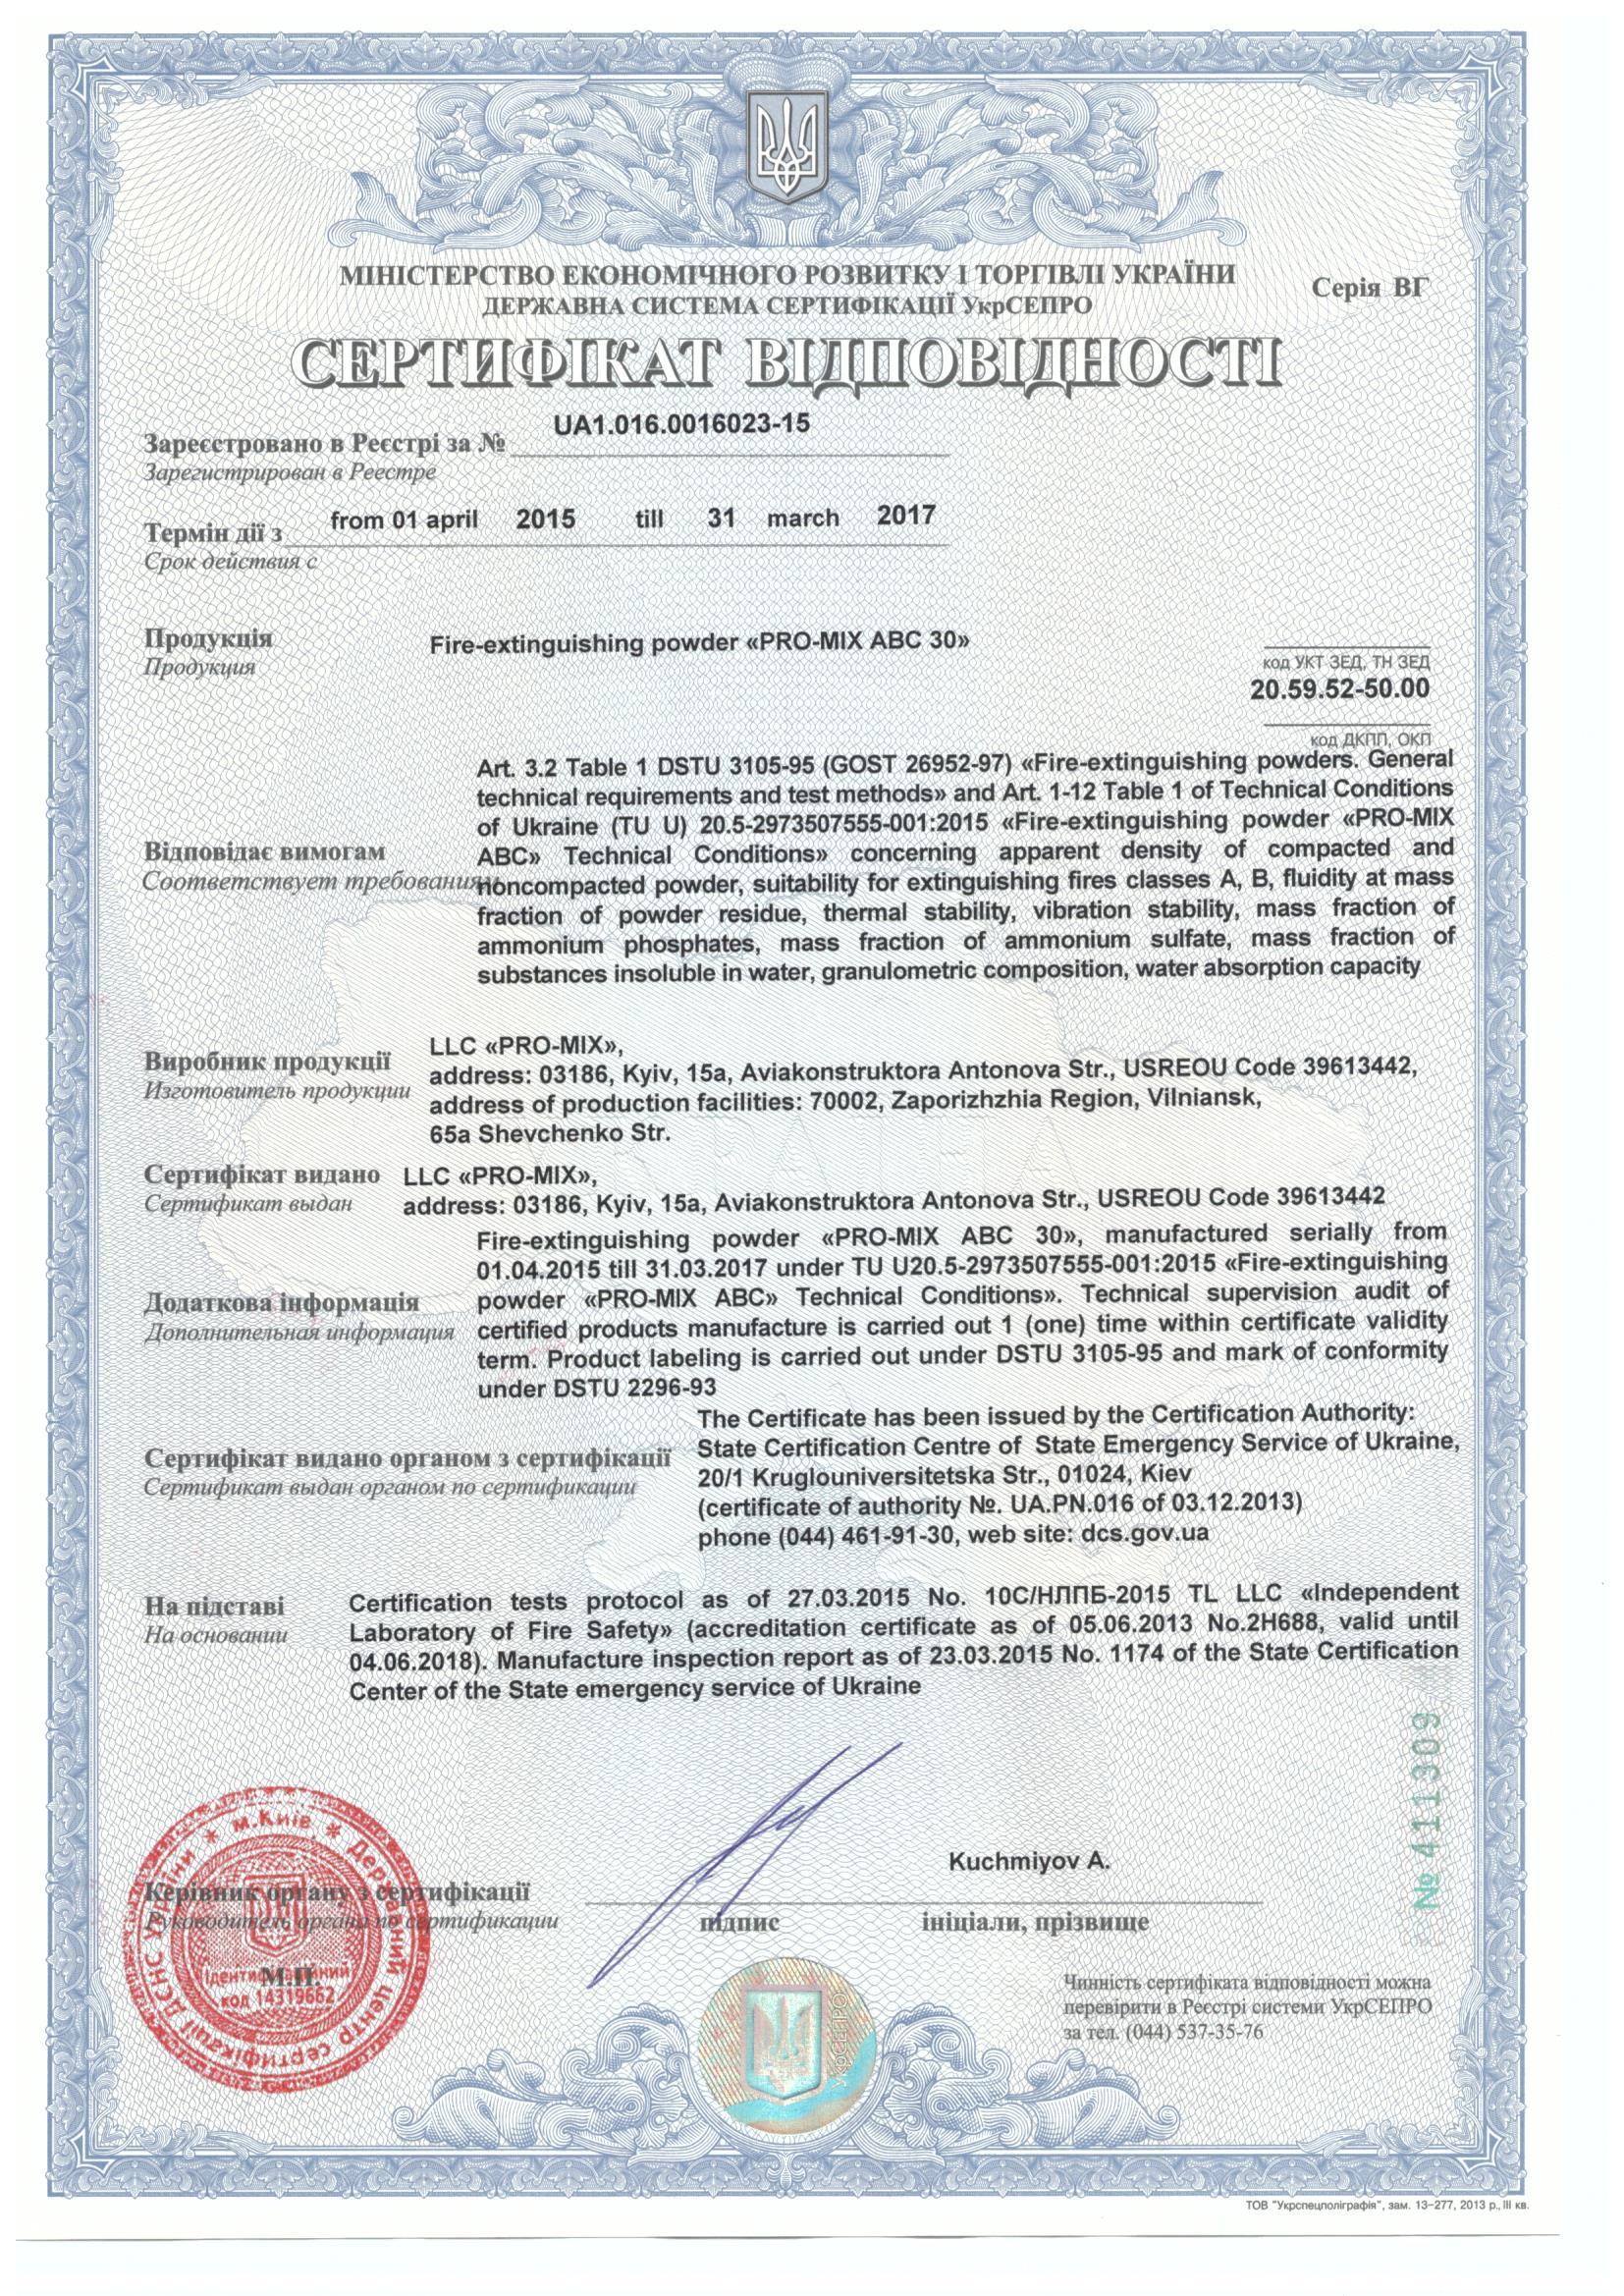 Sertifikat-sootvetstviya_PROMIX-30angl.yaz.